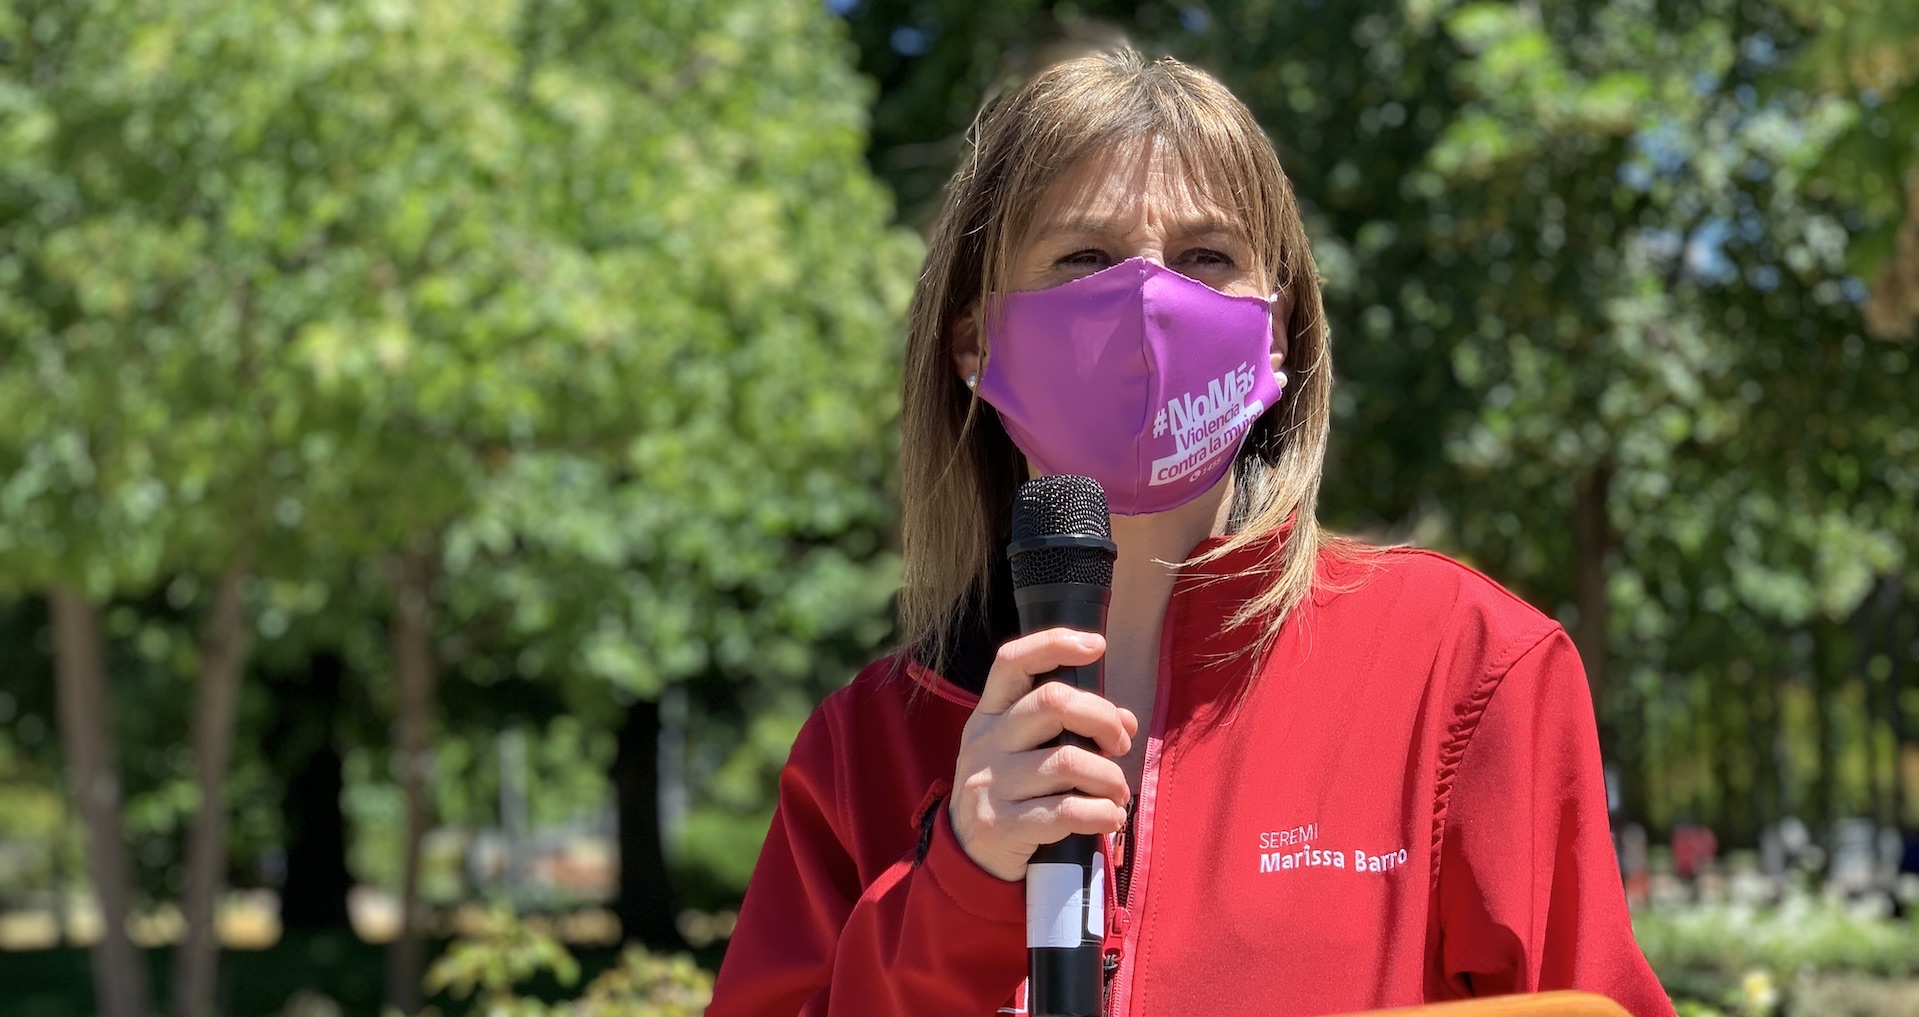 Los Ángeles y Cabrero lideran consultas en Biobío por violencia contra la mujer